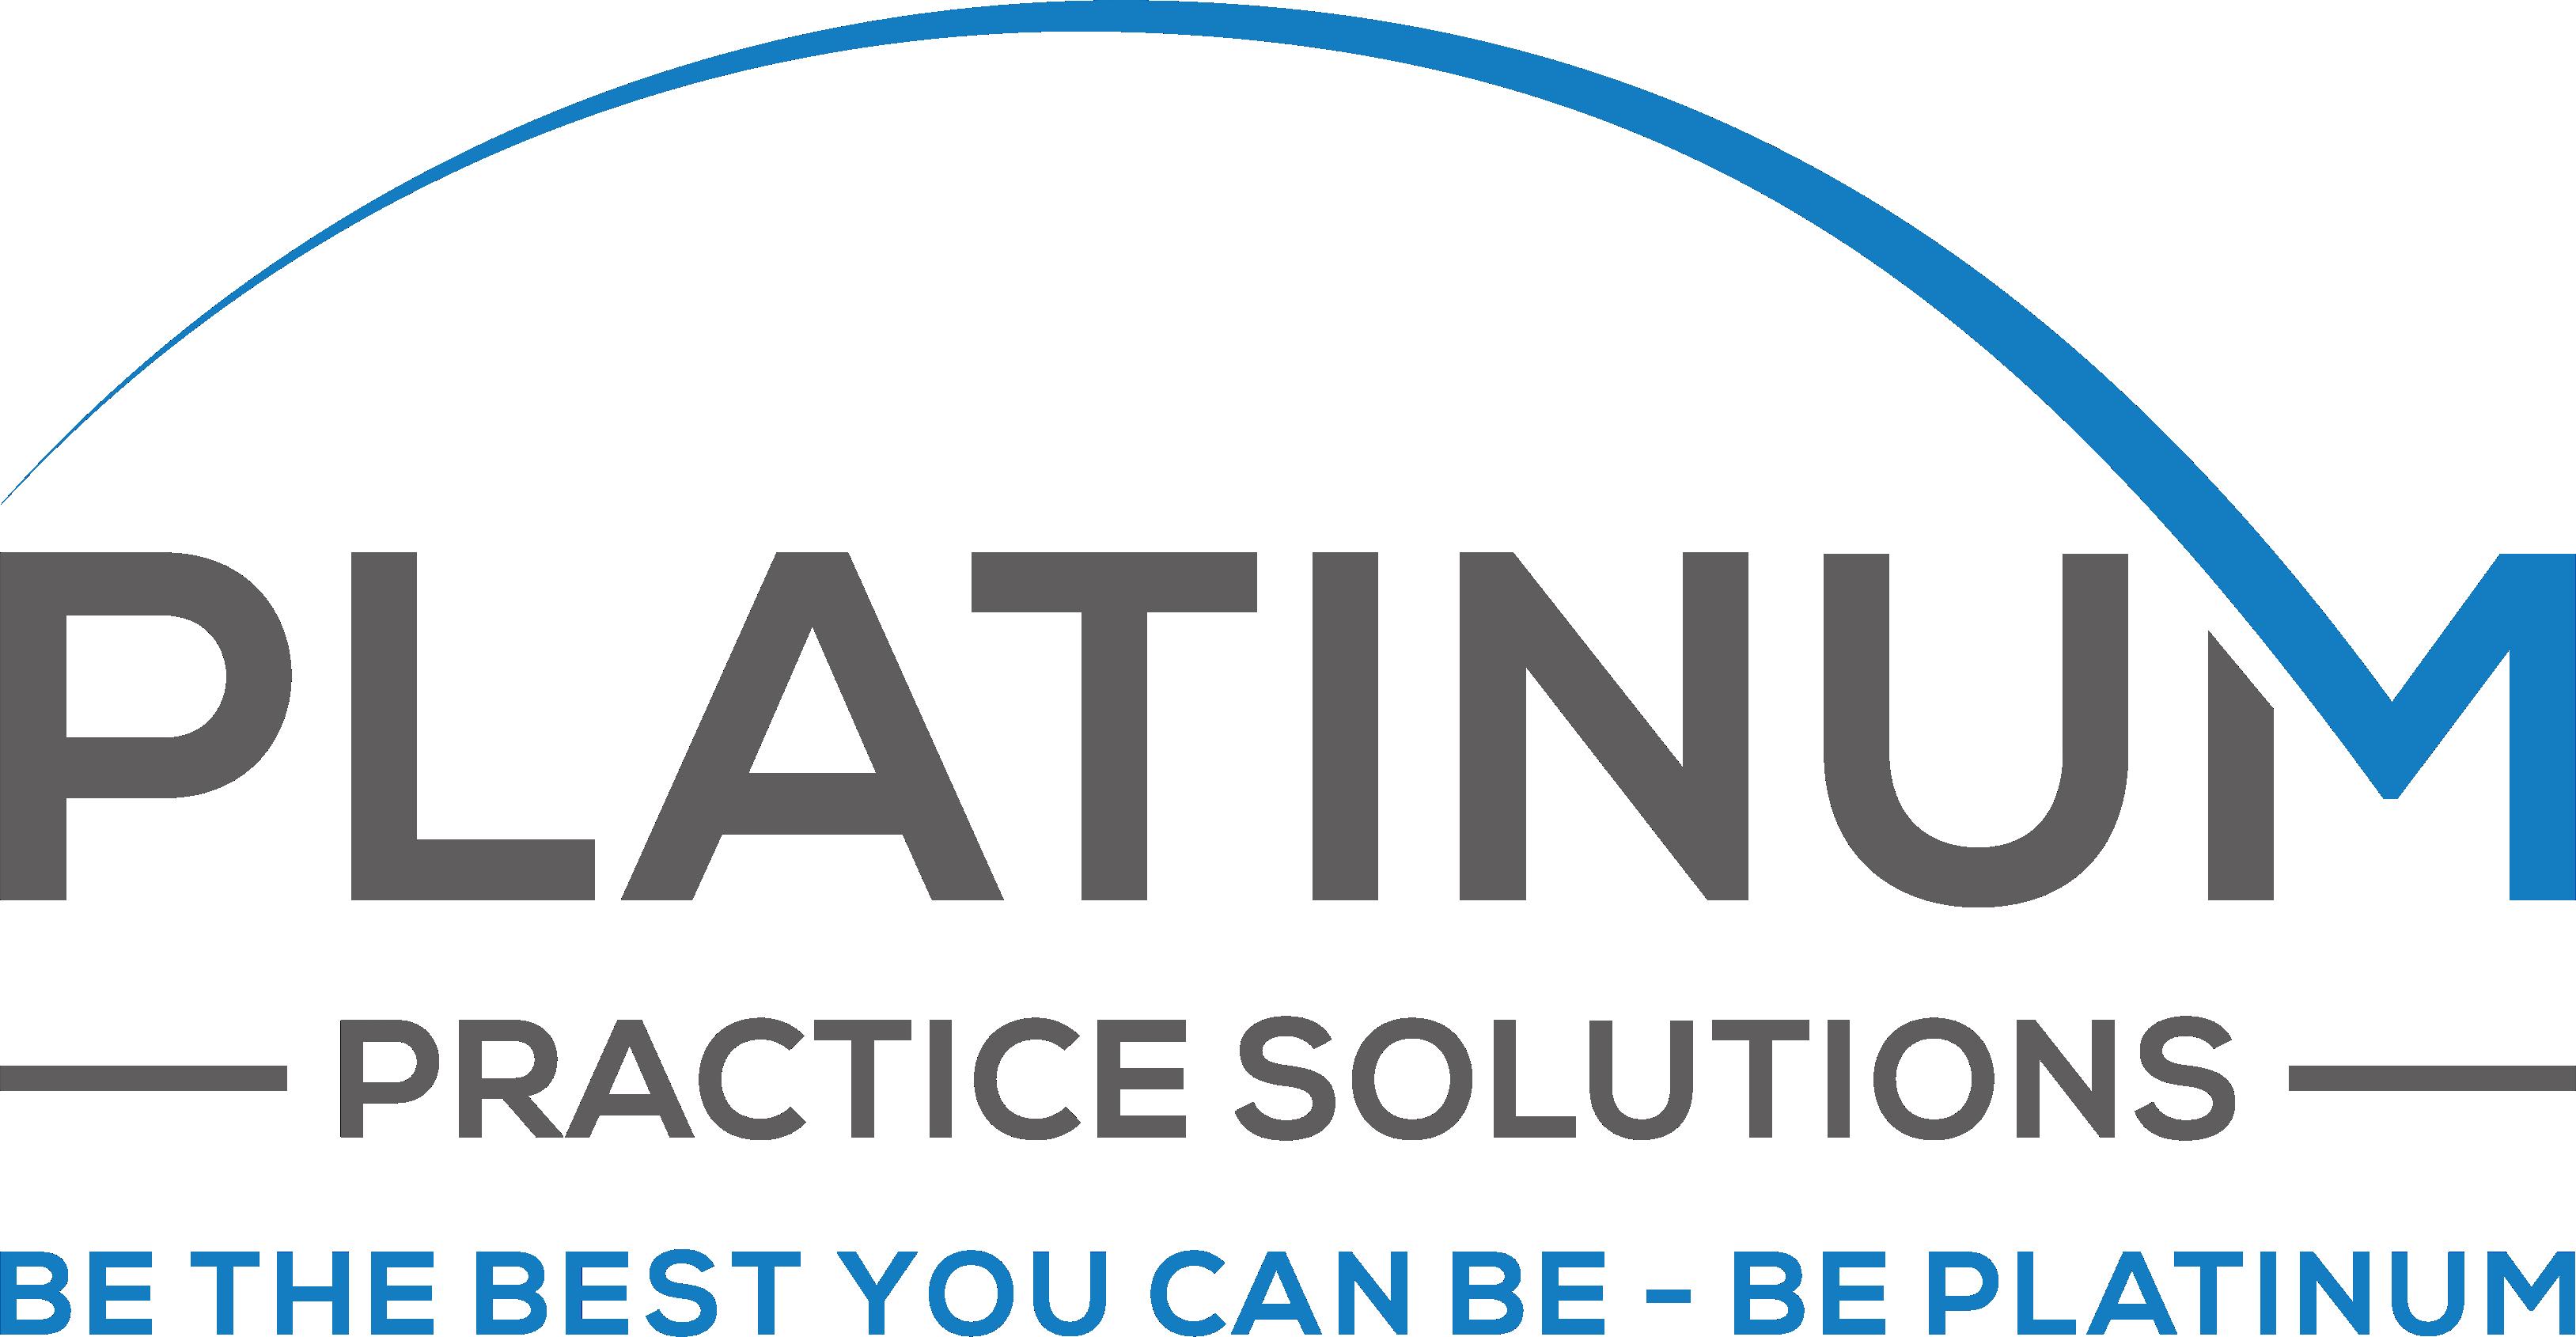 Platinum Practice Solutions